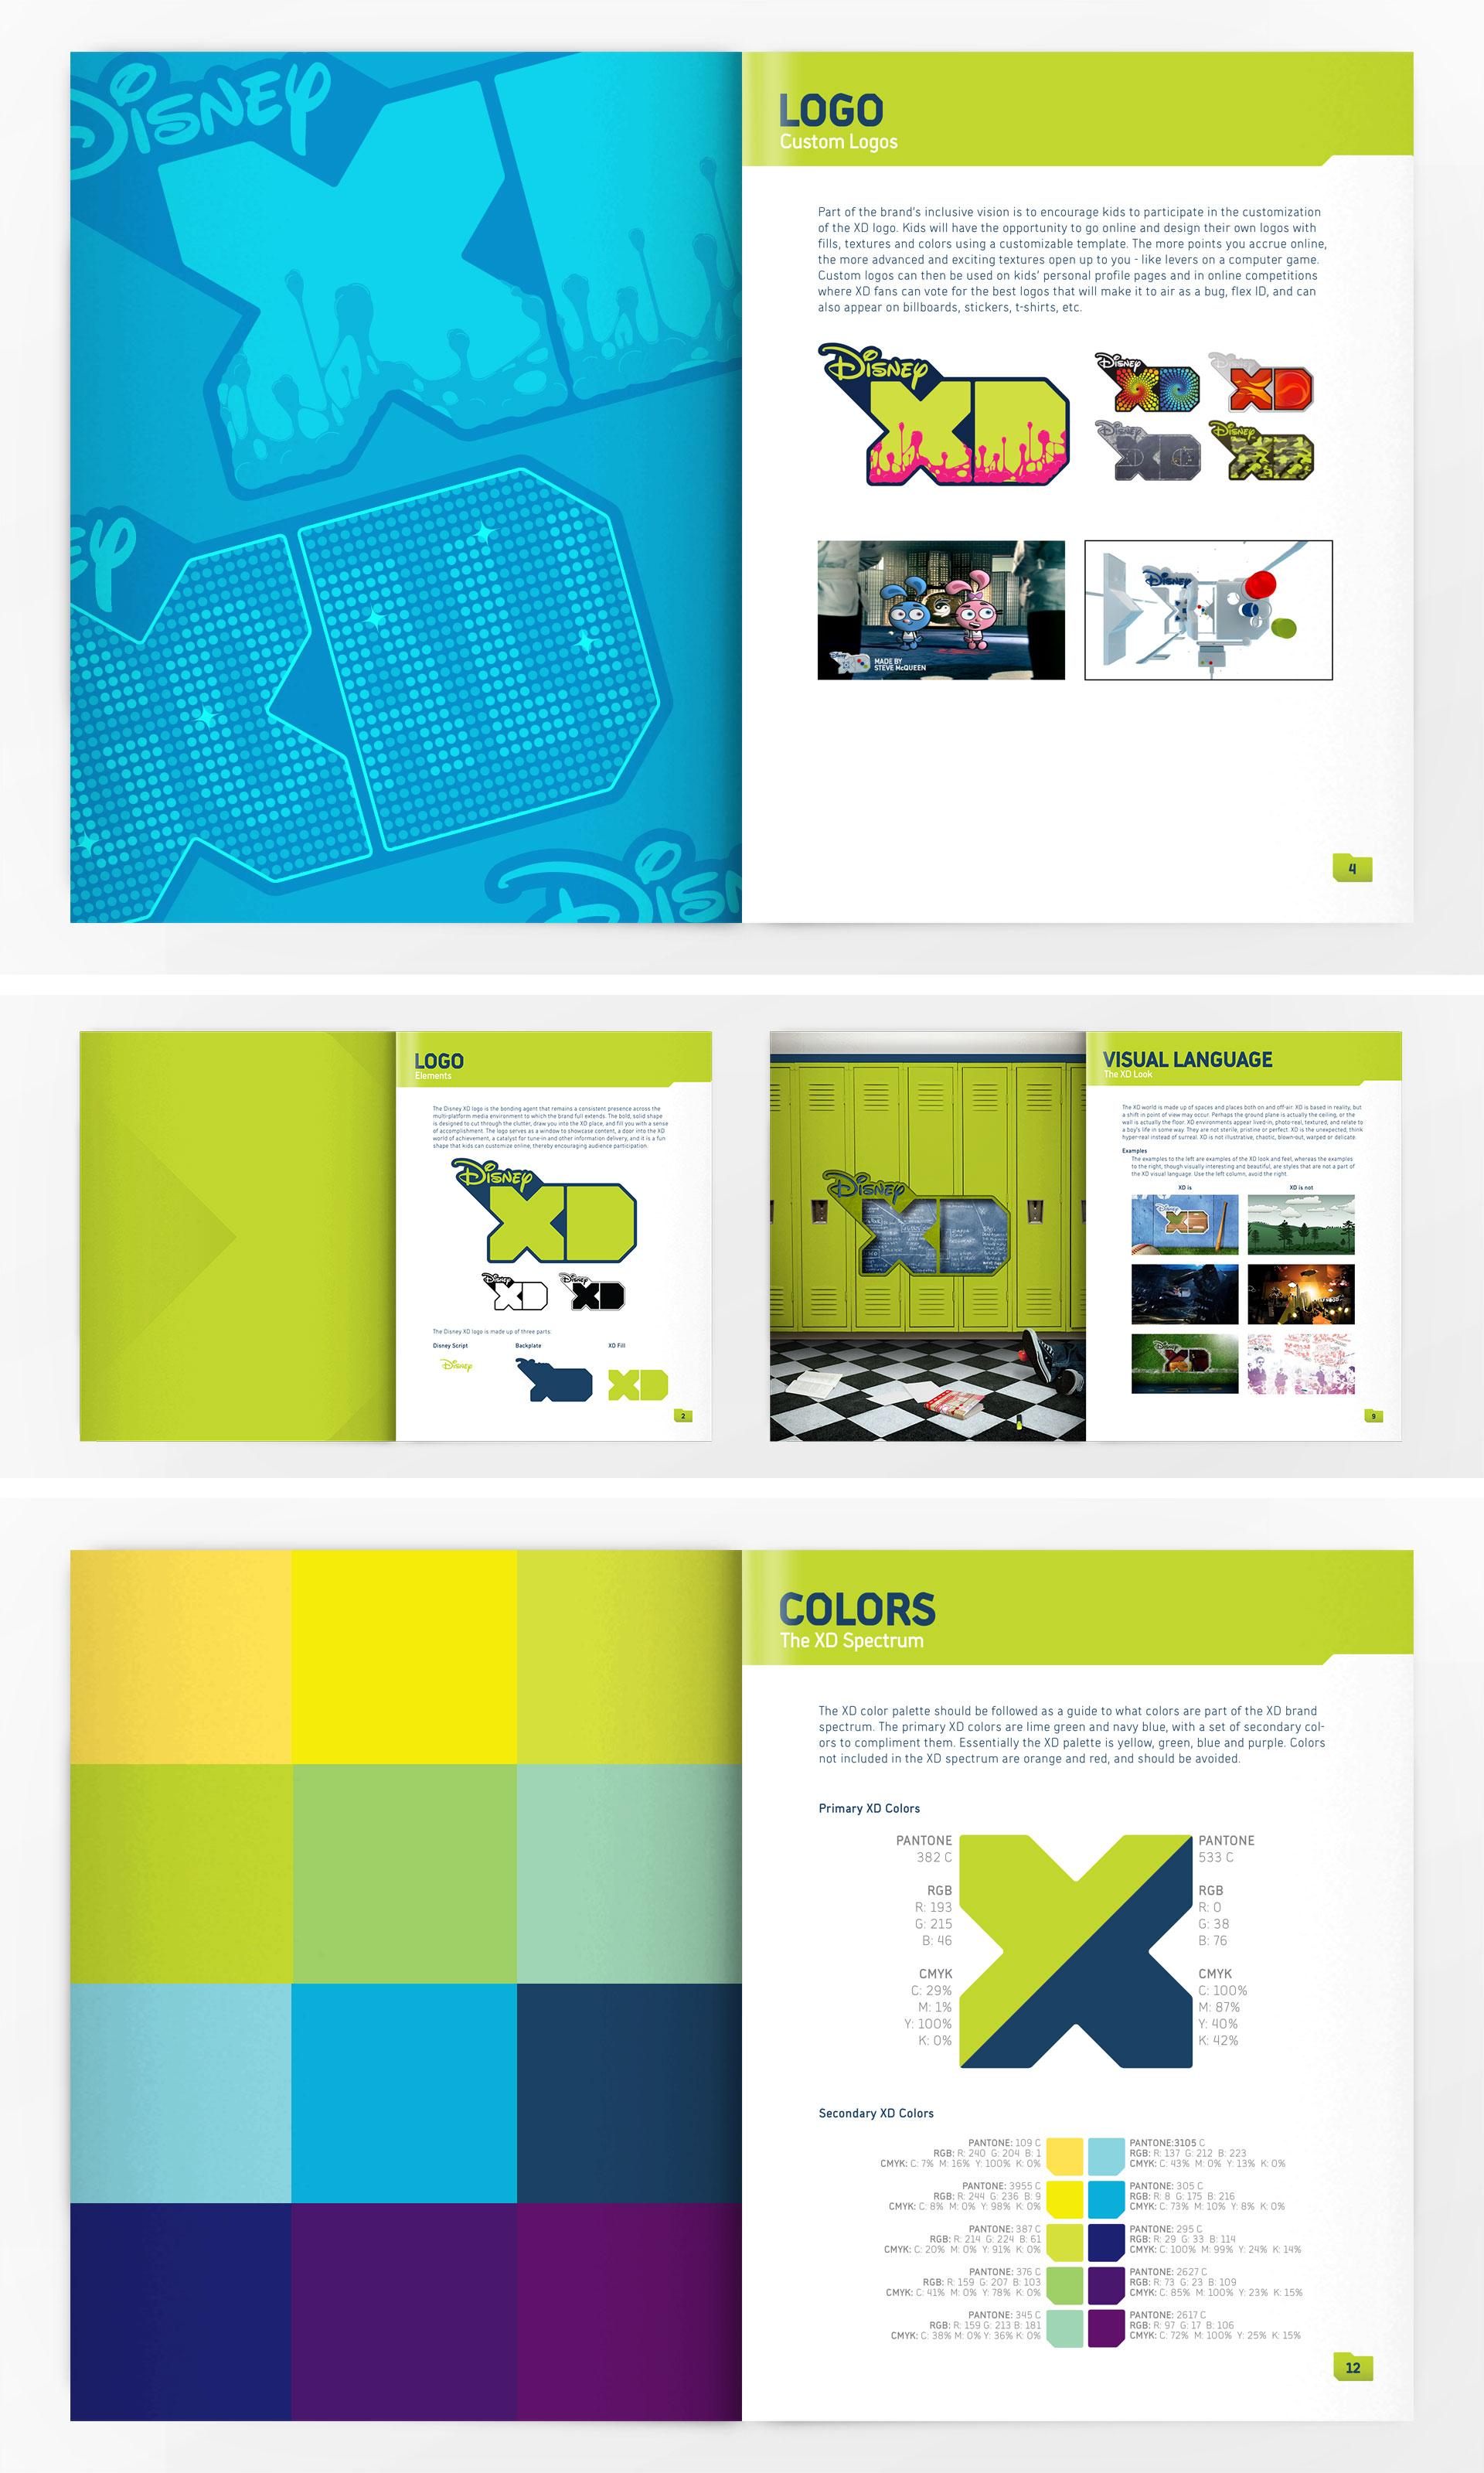 disneyXD_branding_03.jpg